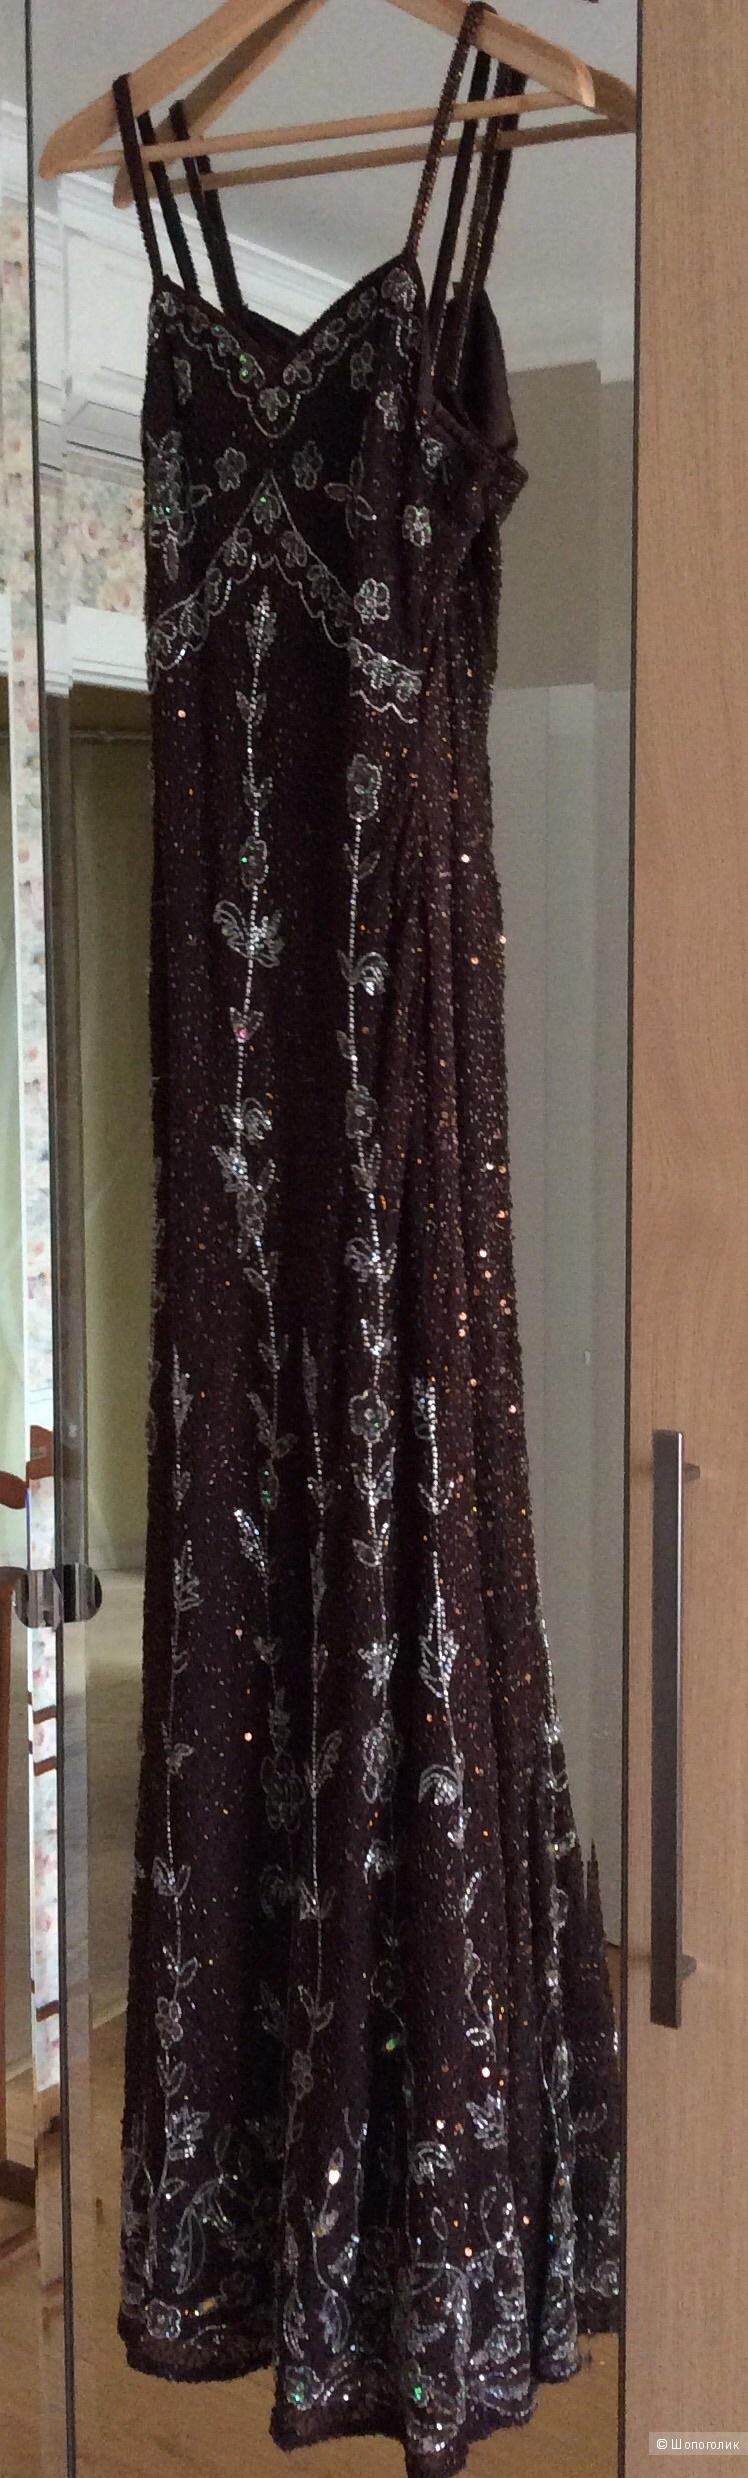 Сногсшибательное платье в пол р.46-48